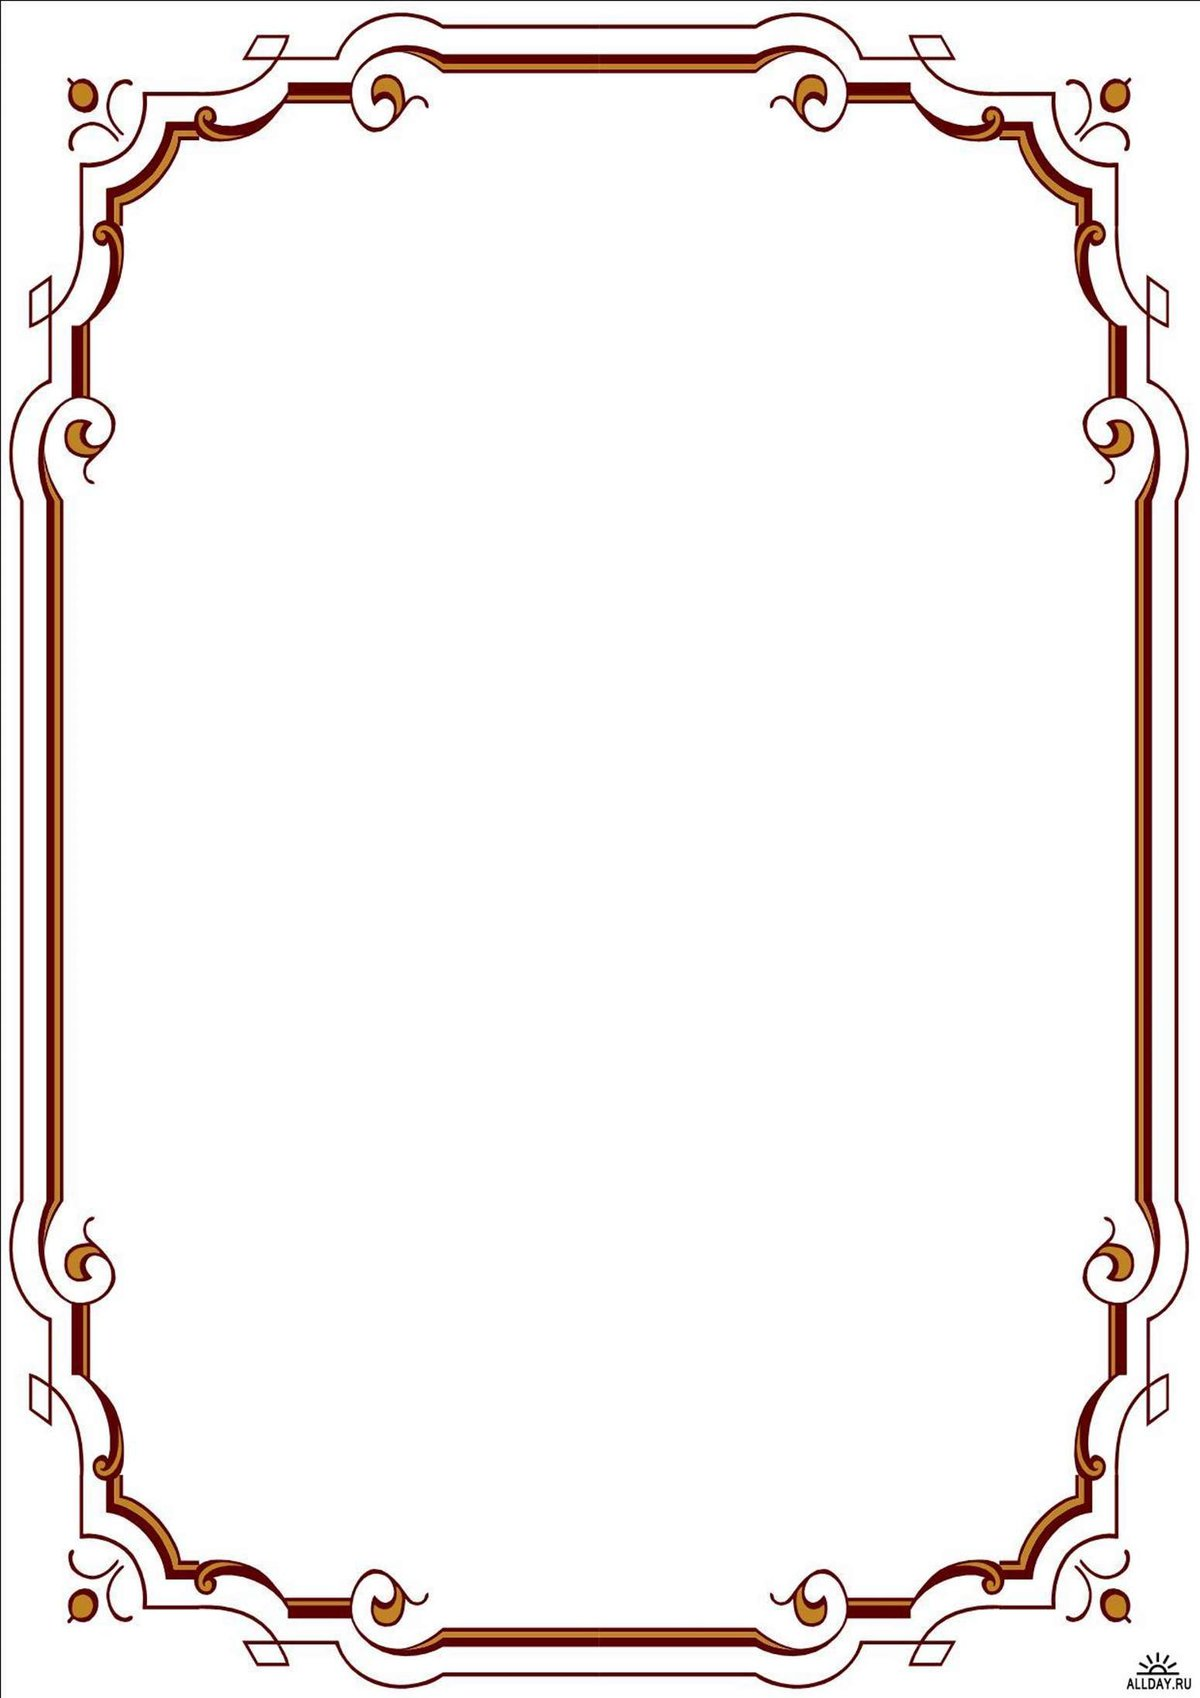 Грача, рамки для рисунок формат а4